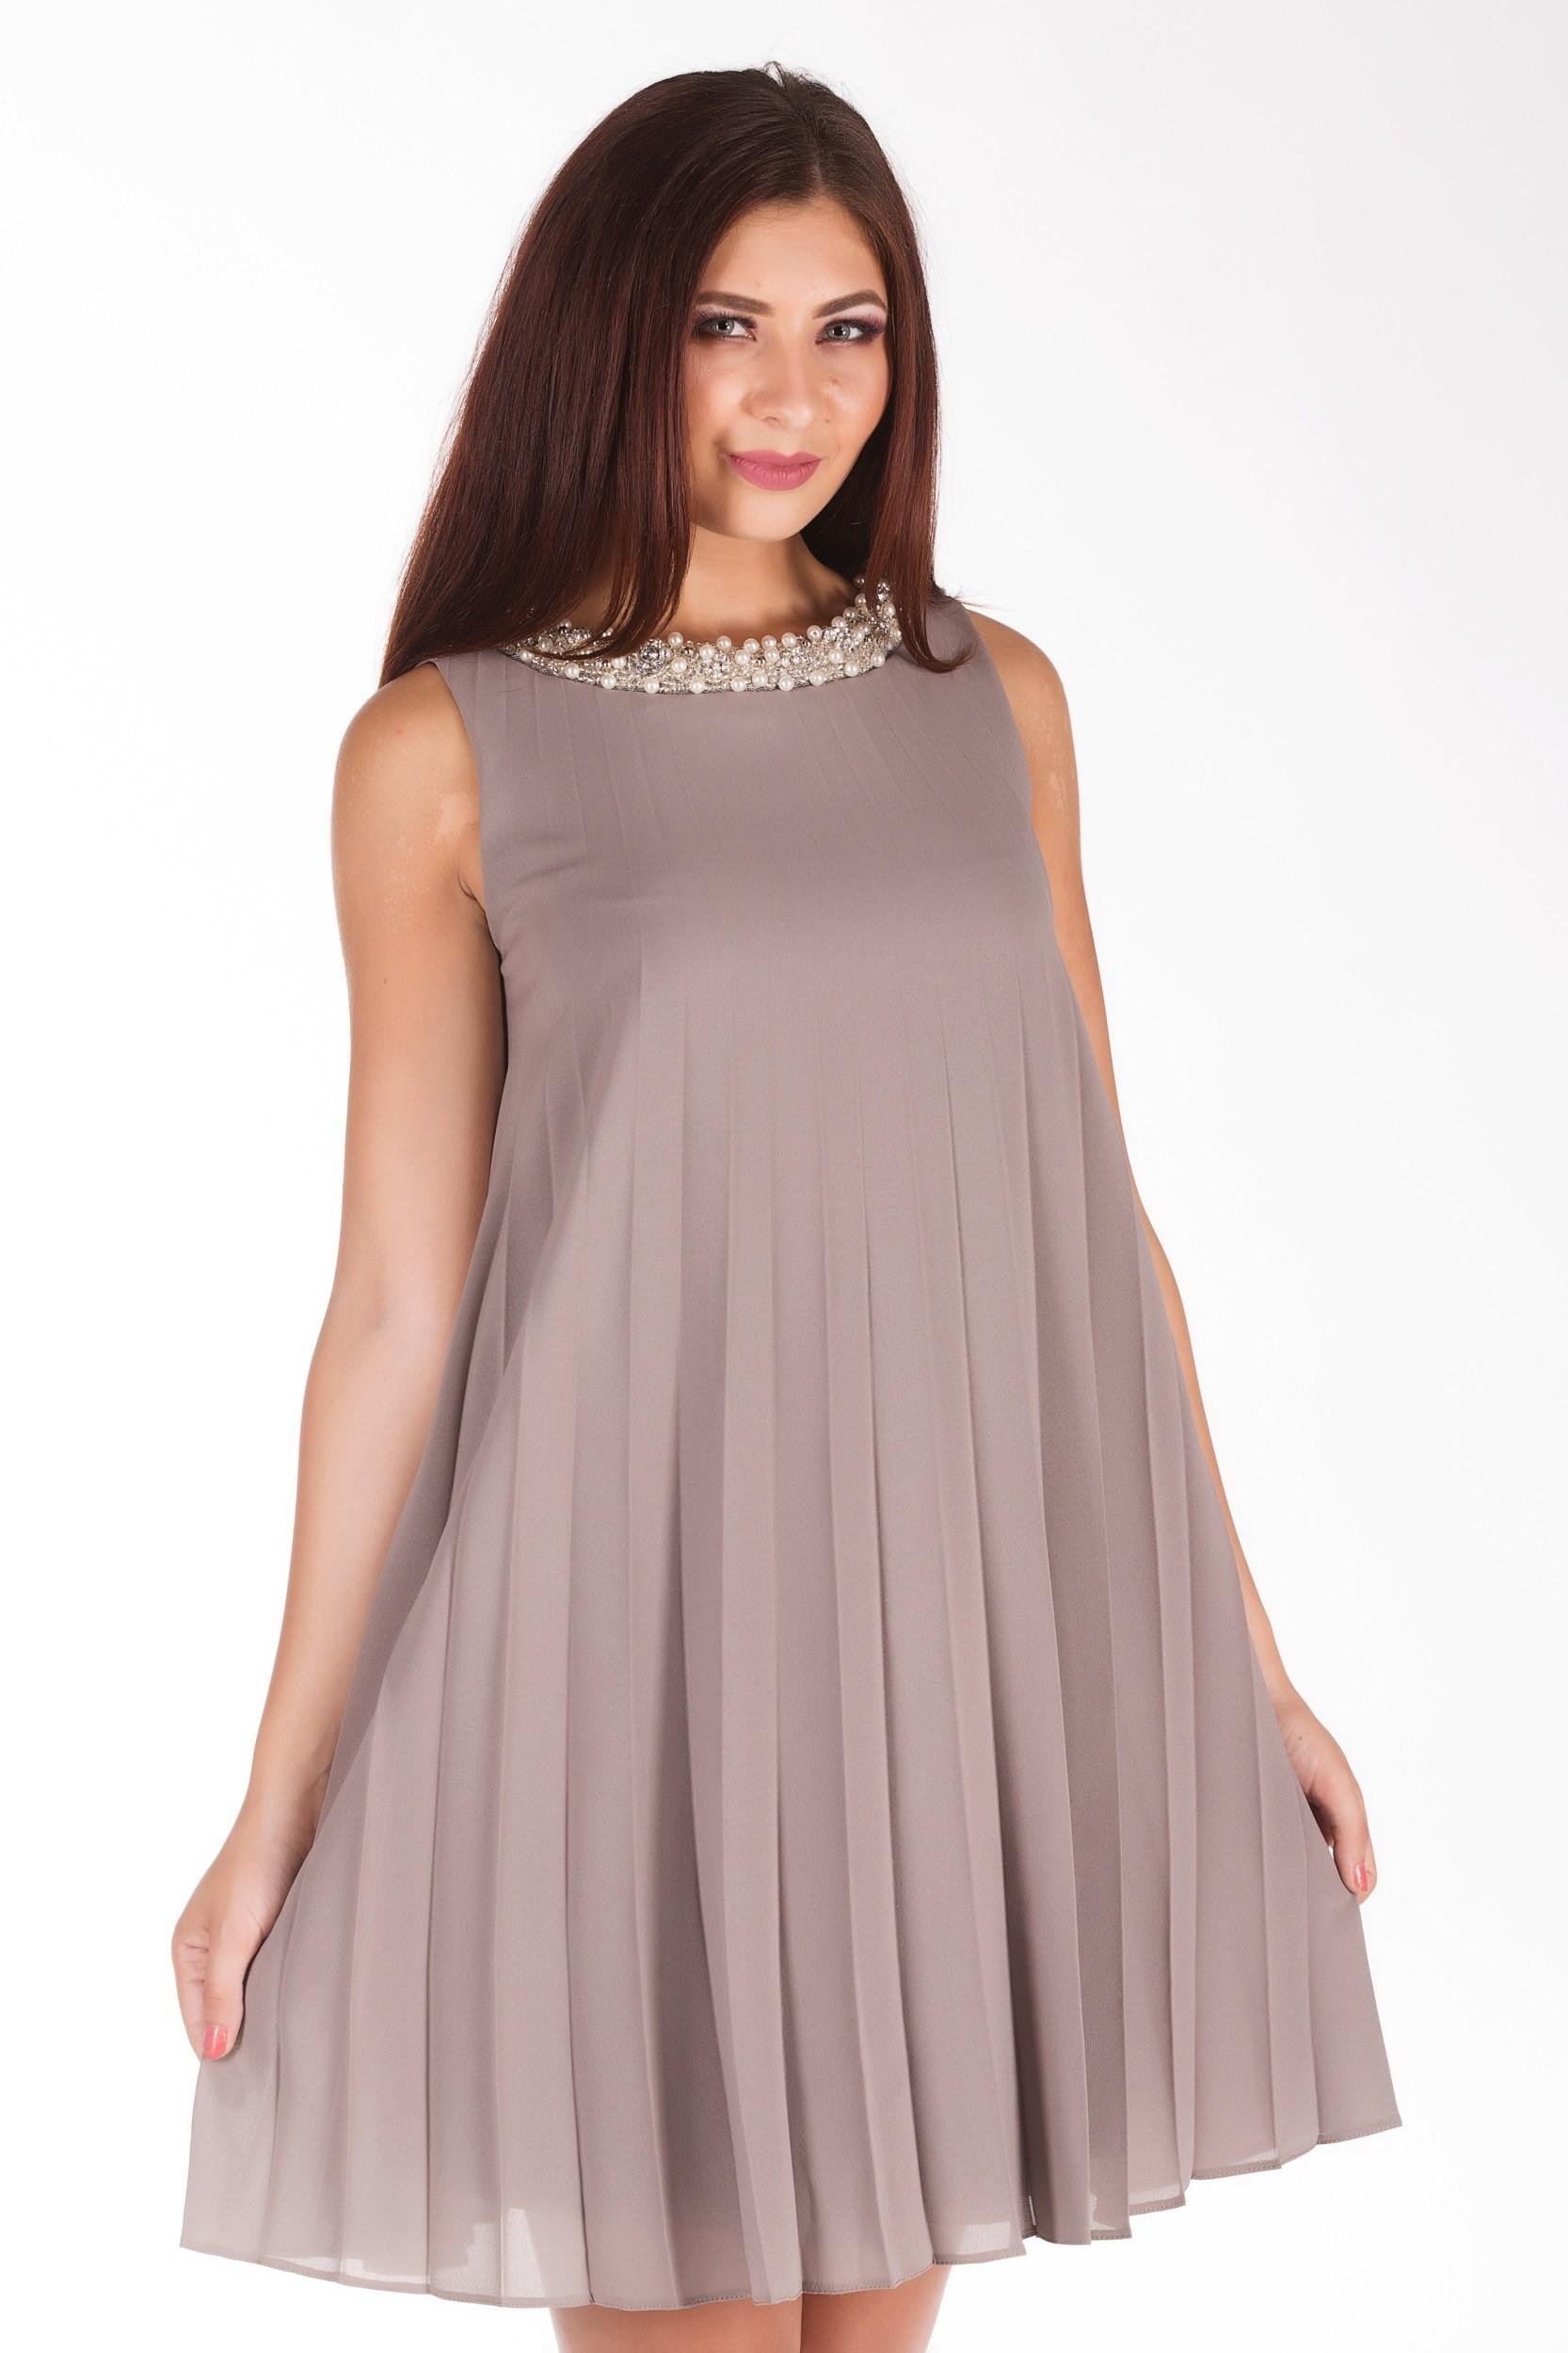 Rochie accesorizata cu perle